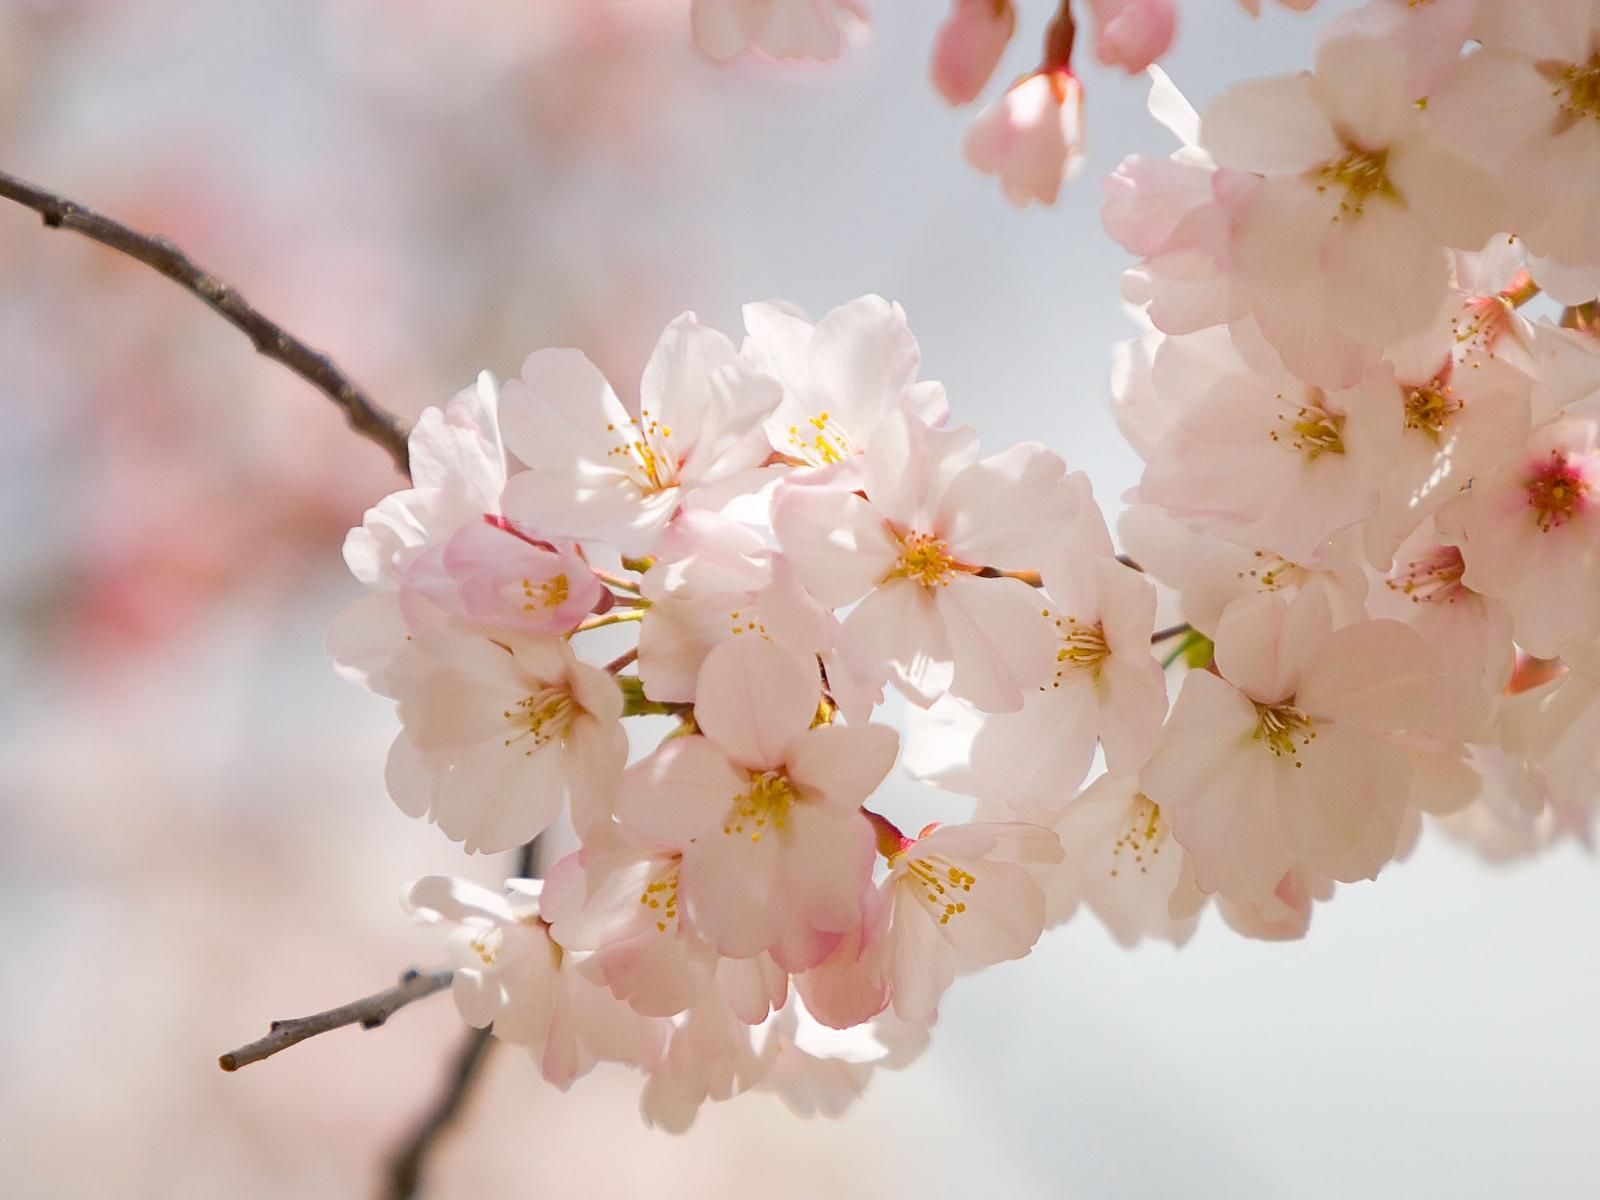 http://2.bp.blogspot.com/_tHKnABwG90g/TNFX0V2ZcbI/AAAAAAAAAFU/Ad8S9HtdkG0/s1600/spring-wedding-flowers%5B1%5D.jpg